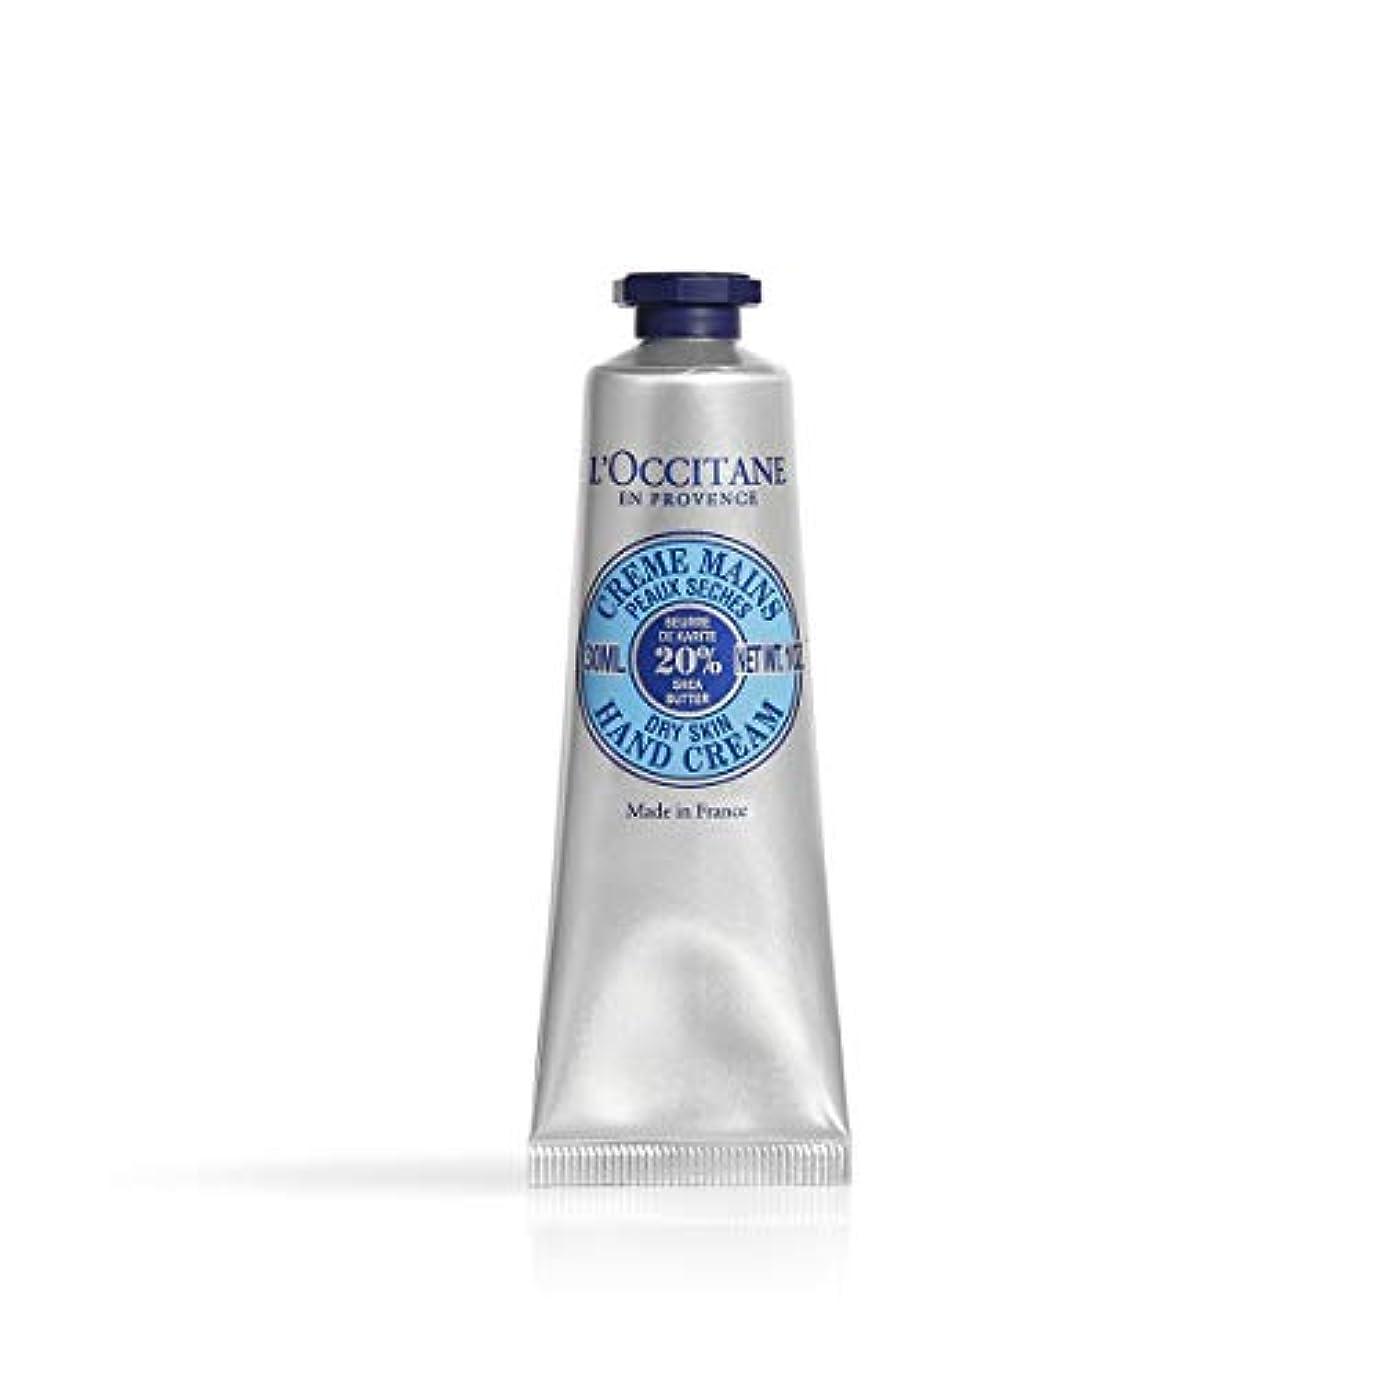 スローサイドボード冷蔵庫ロクシタン(L'OCCITANE) シア ハンドクリーム 30ml